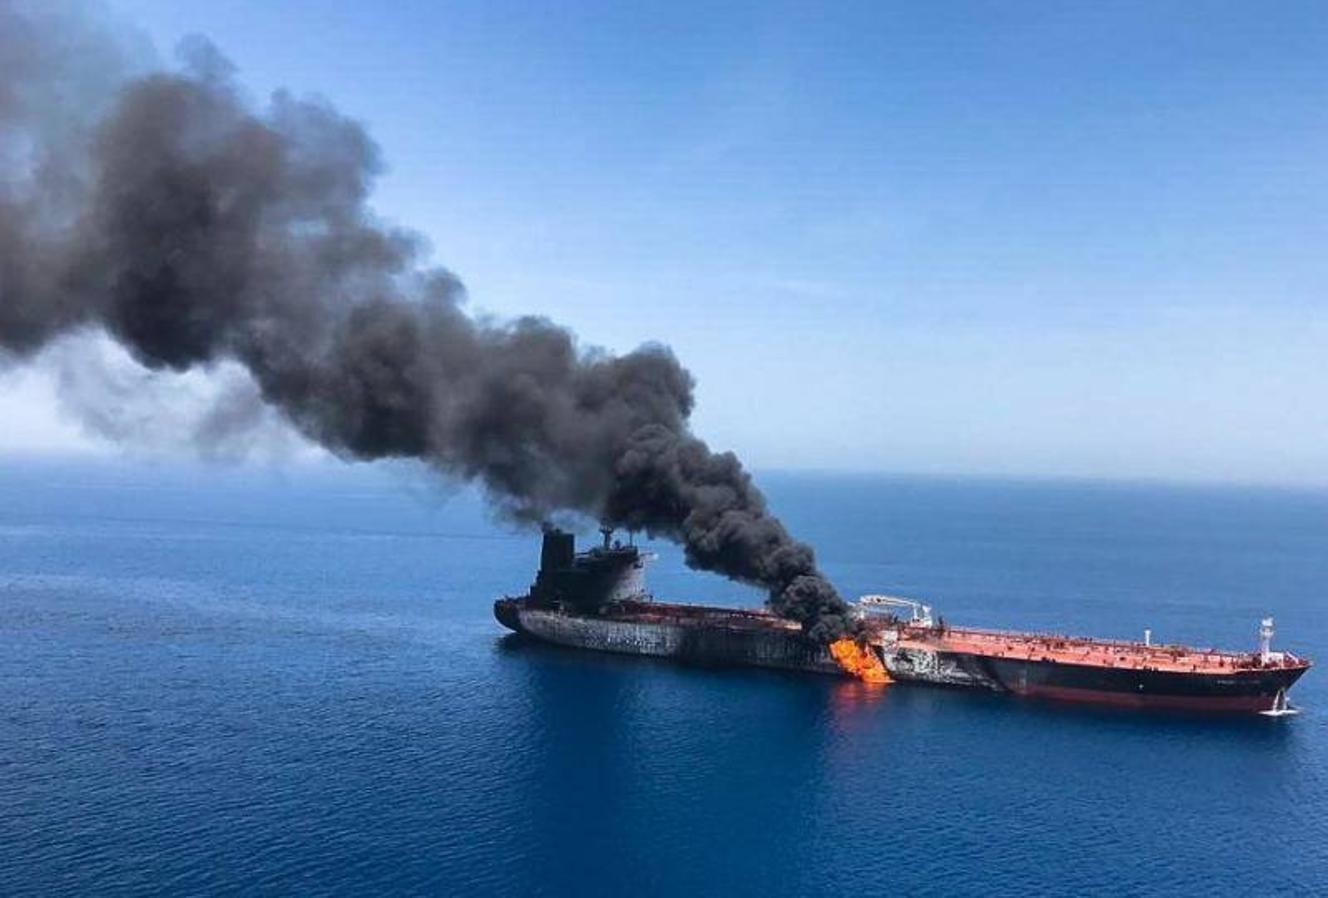 Los dos cargueros afectados son japoneses, según gobierno nipón